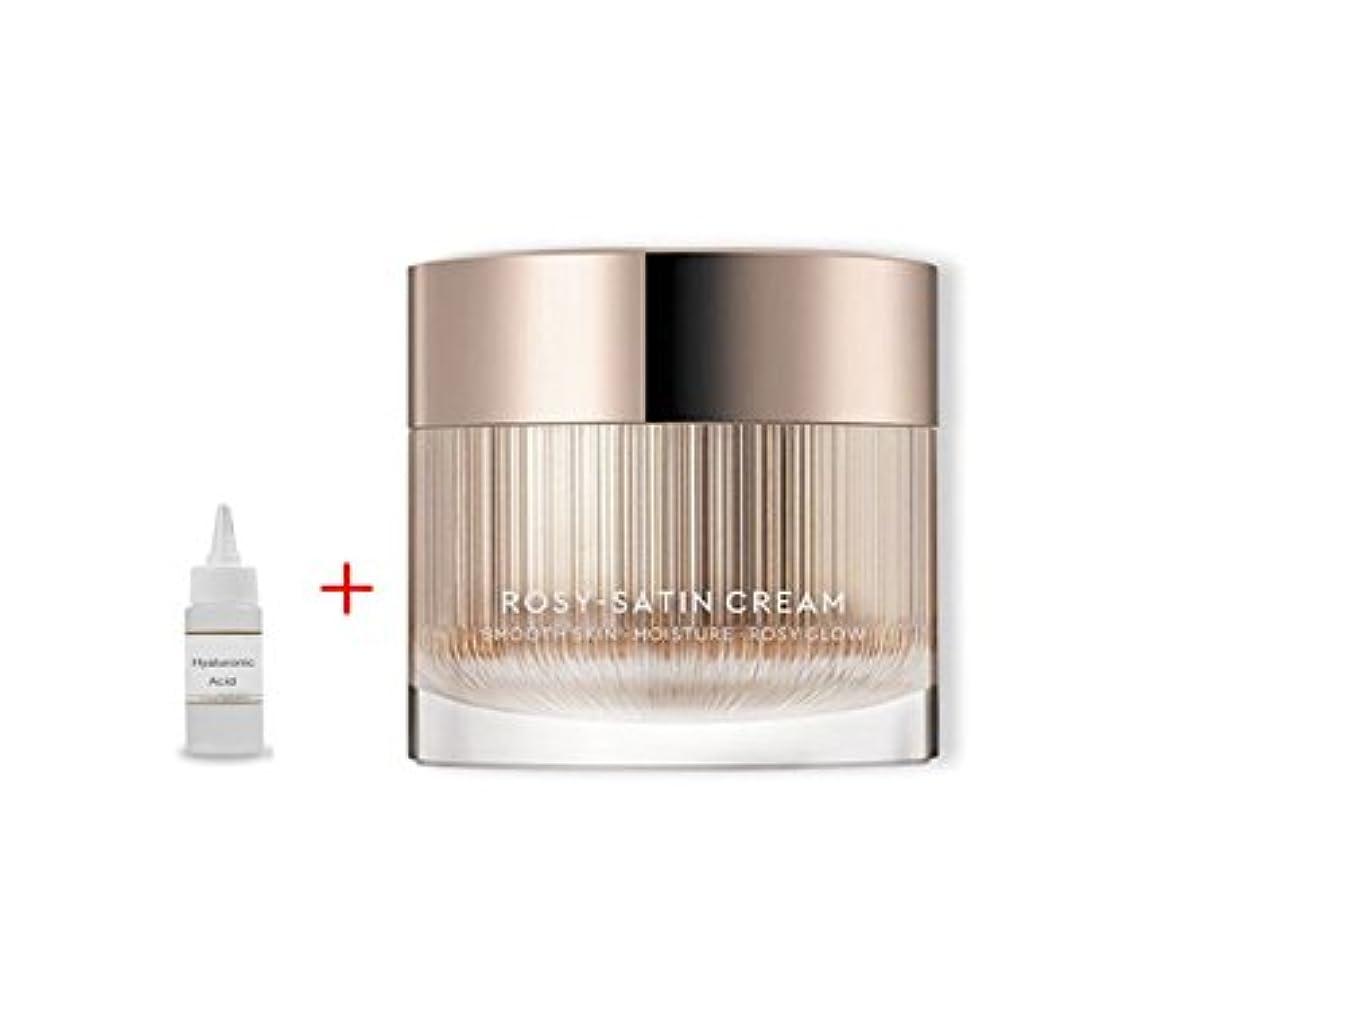 力学シェードメロドラマHERA New Rosy Satin Cream 50ml:Smooth Skin Moisture Rosy Glow 滑らかな肌の保湿化粧水 + Ochloo Hyaluronic Acid 20ml [並行輸入品]